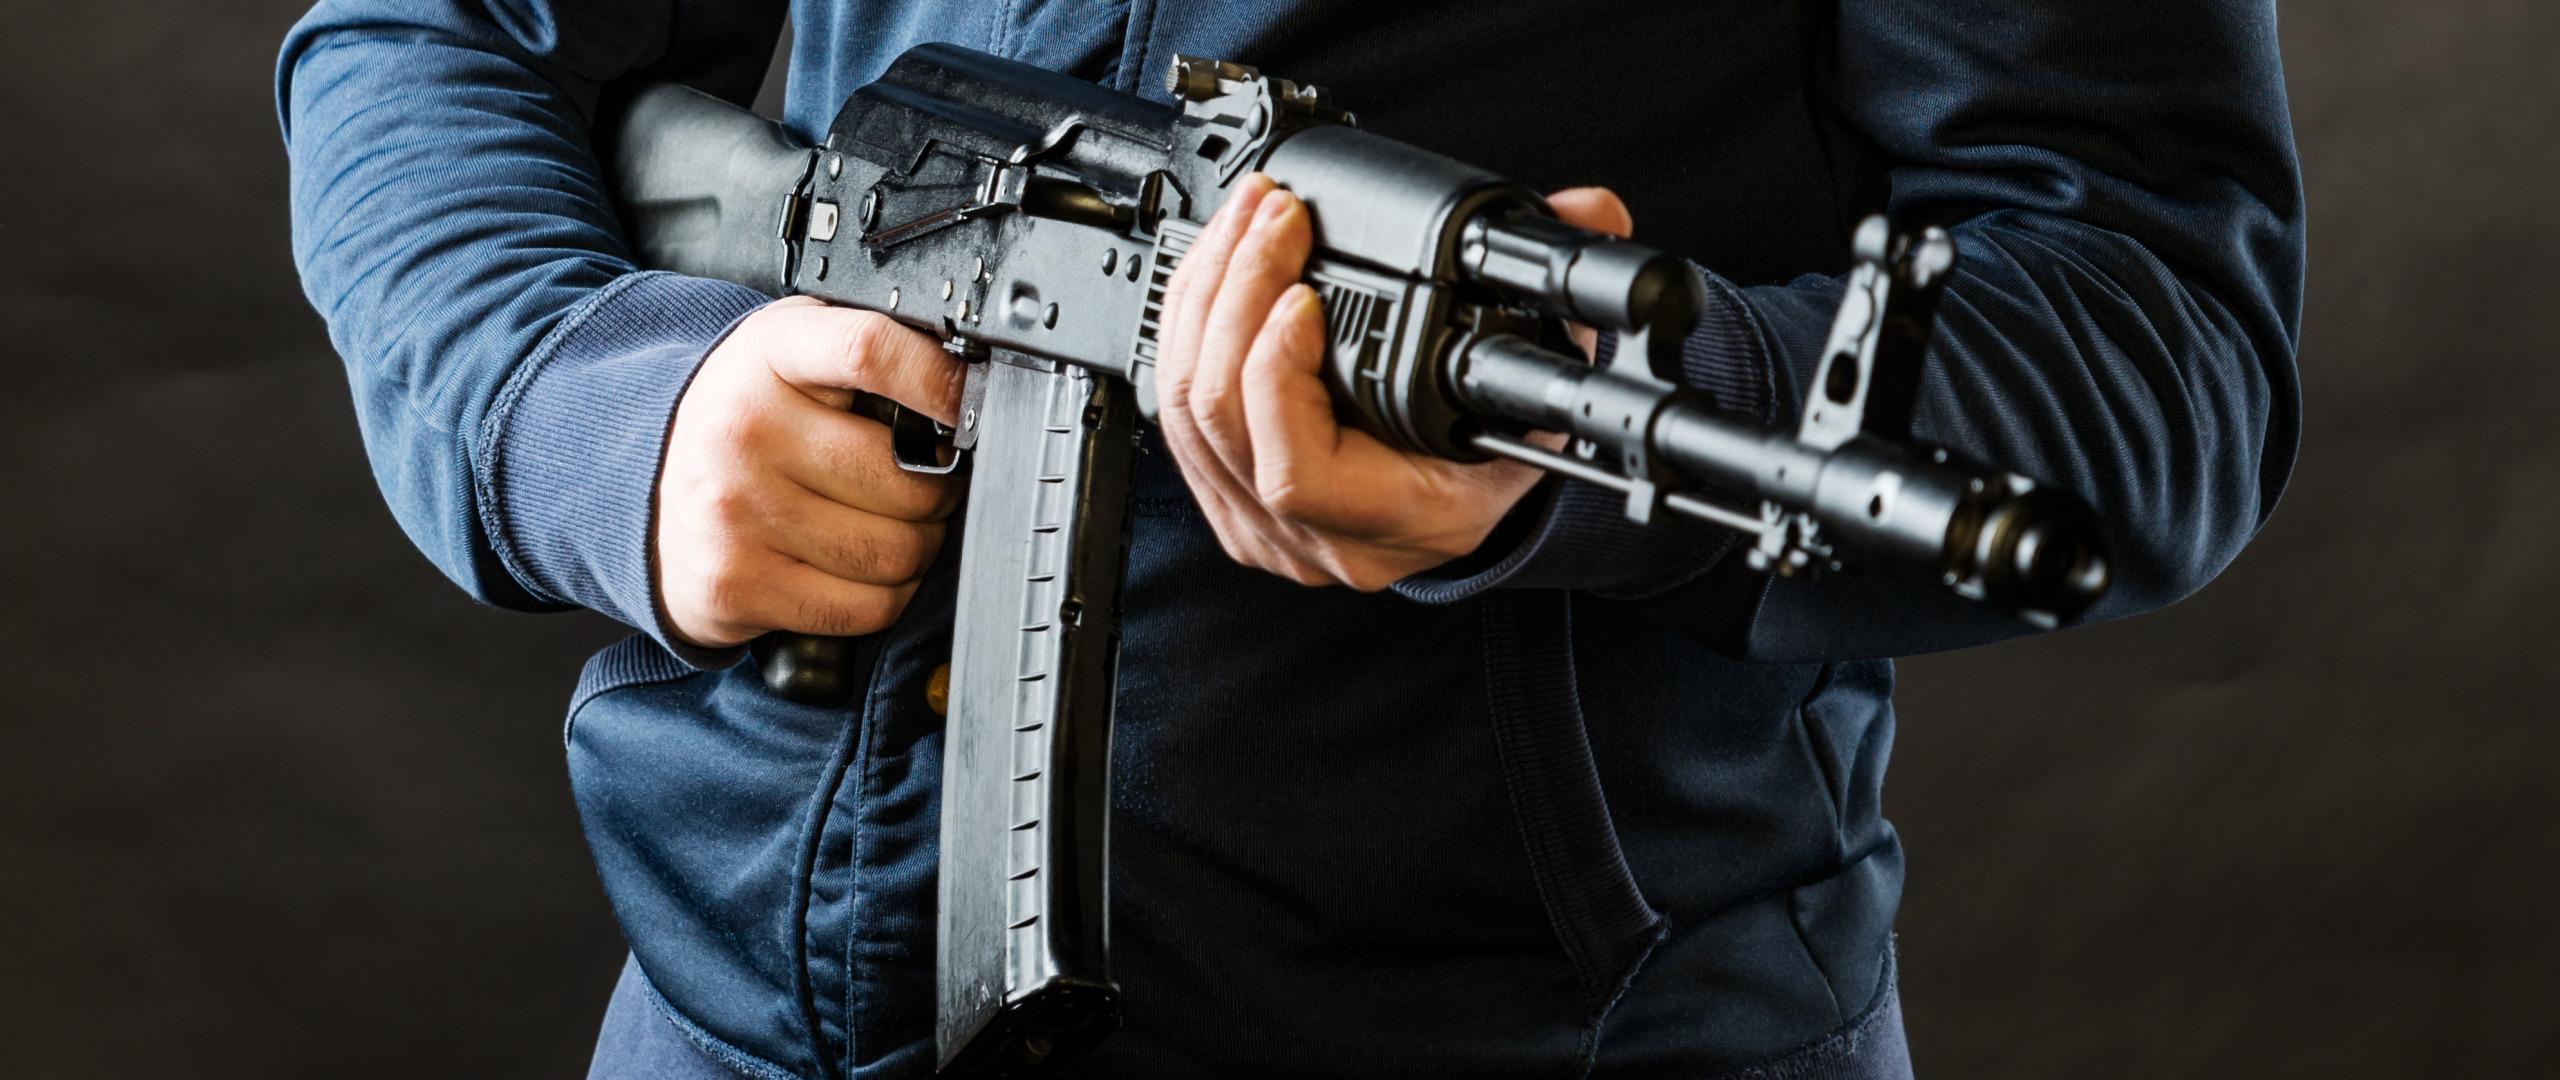 Смоленский подросток обещал устроить теракт в школе с использованием автомата